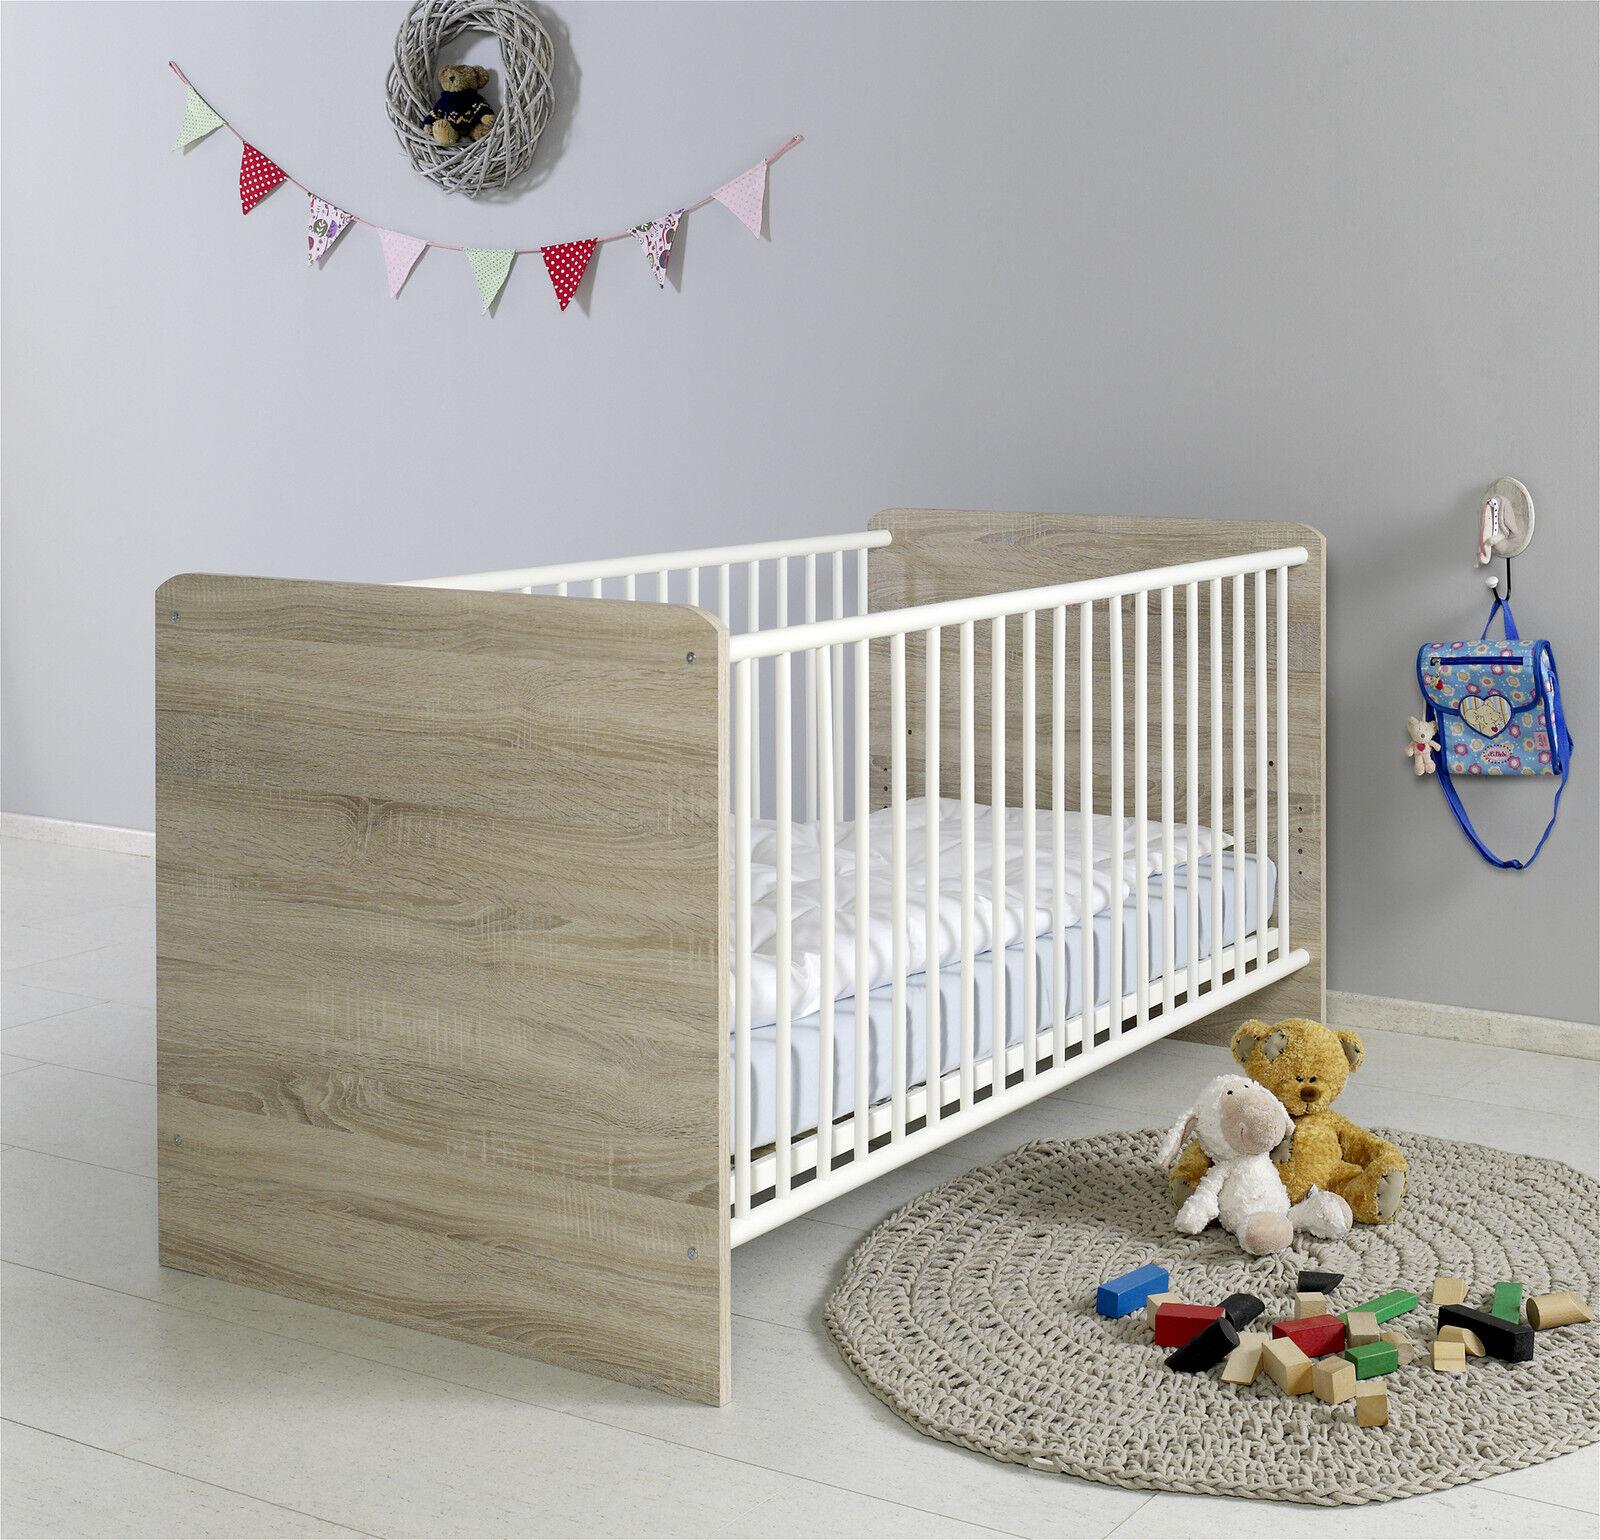 babyzimmer kinderzimmer komplett set babym bel komplettset. Black Bedroom Furniture Sets. Home Design Ideas